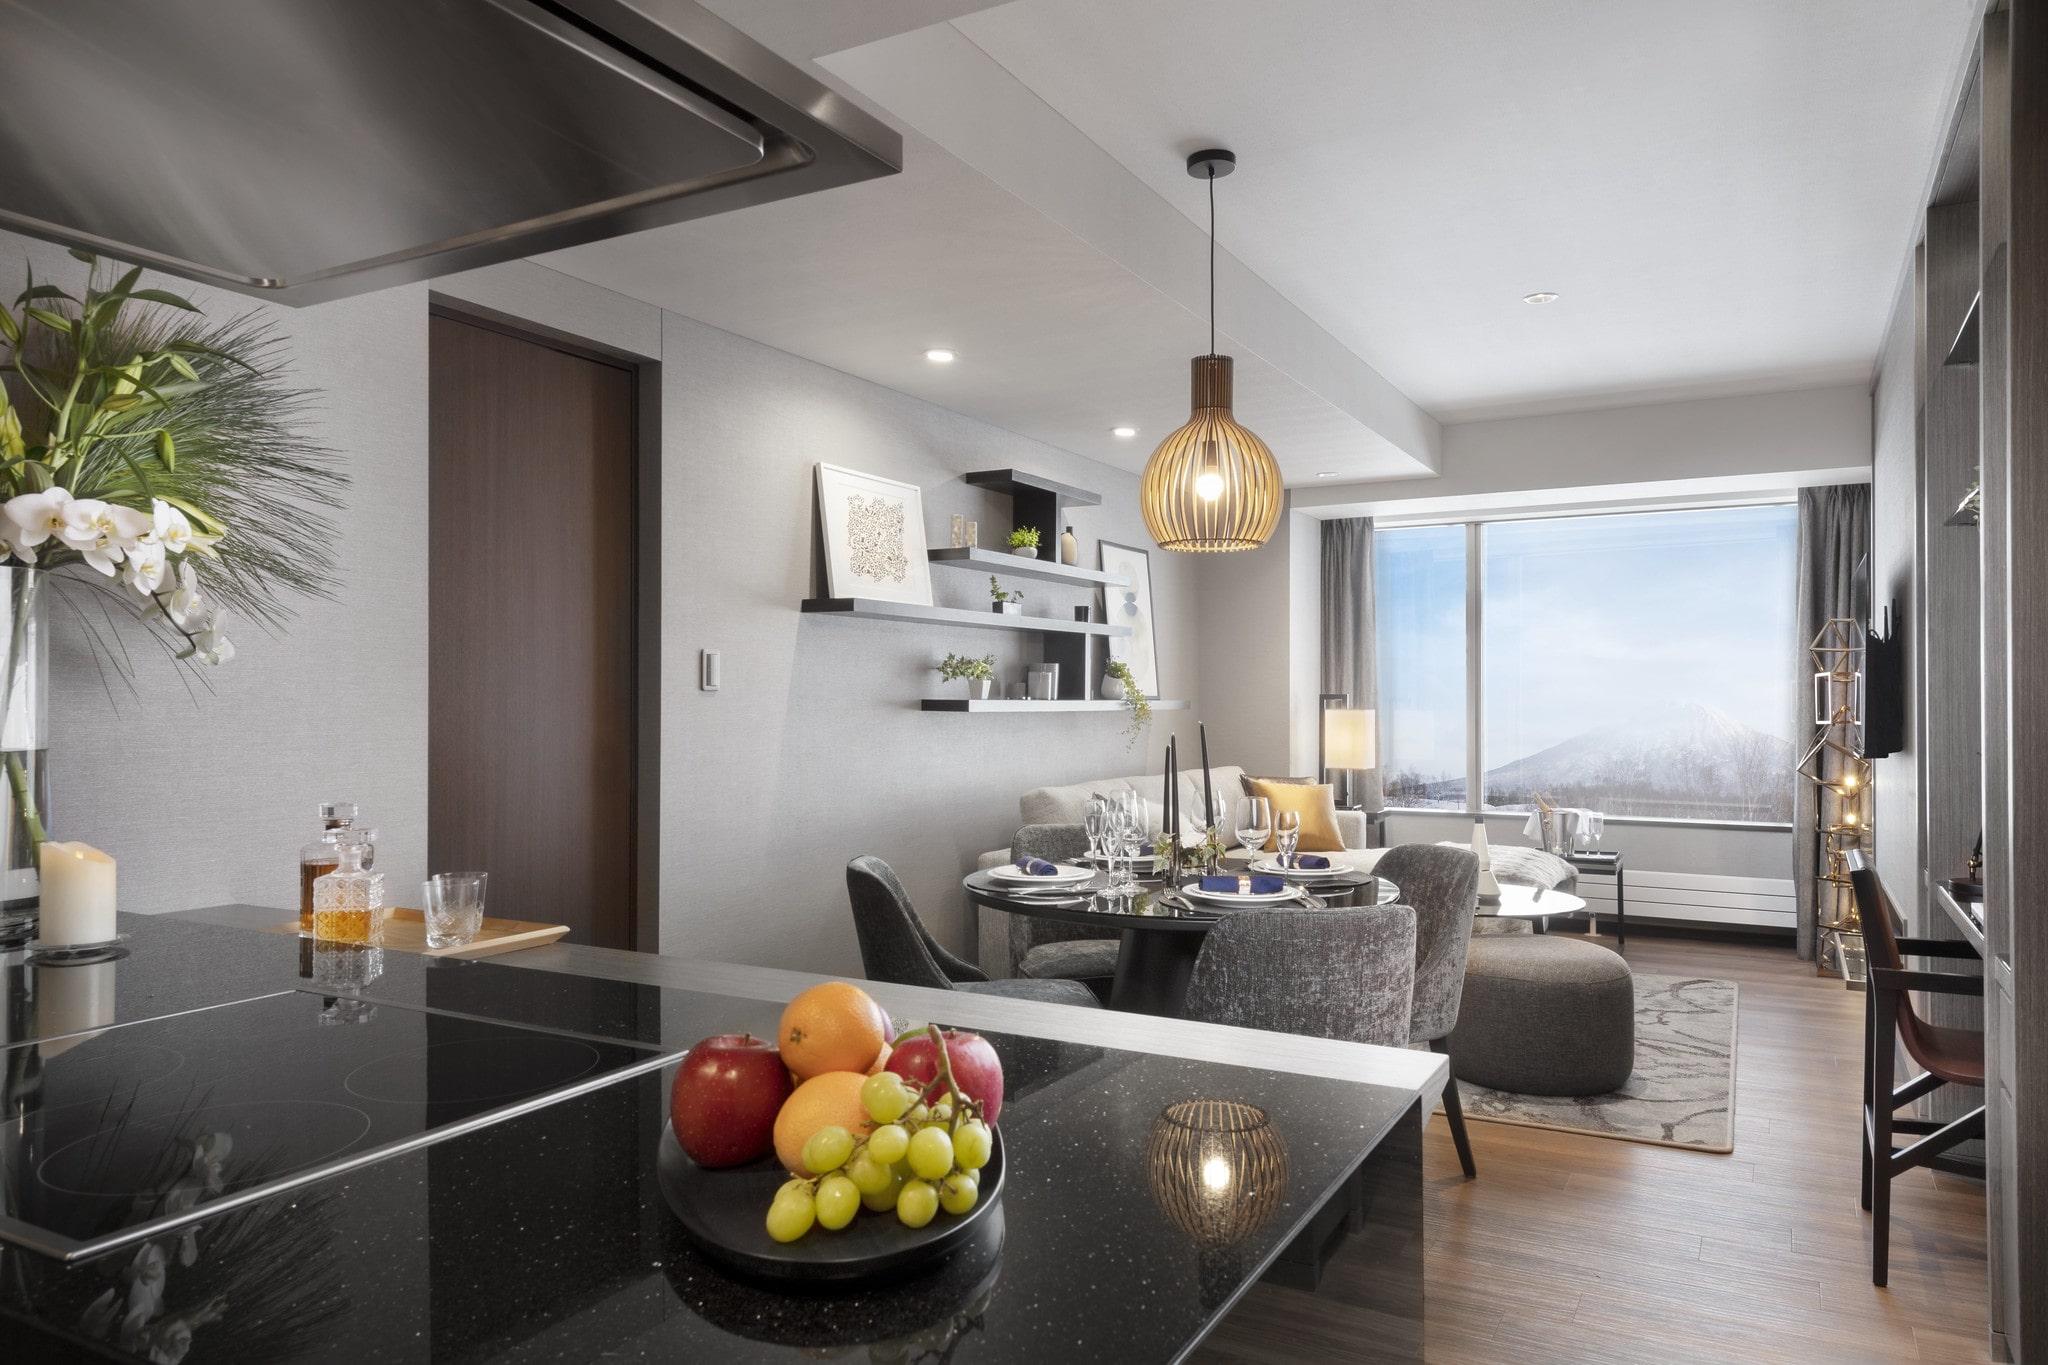 ヒノデヒルズ・ニセコビレッジ|家族との大切な時間を過ごすのに最適なホテルレジデンス